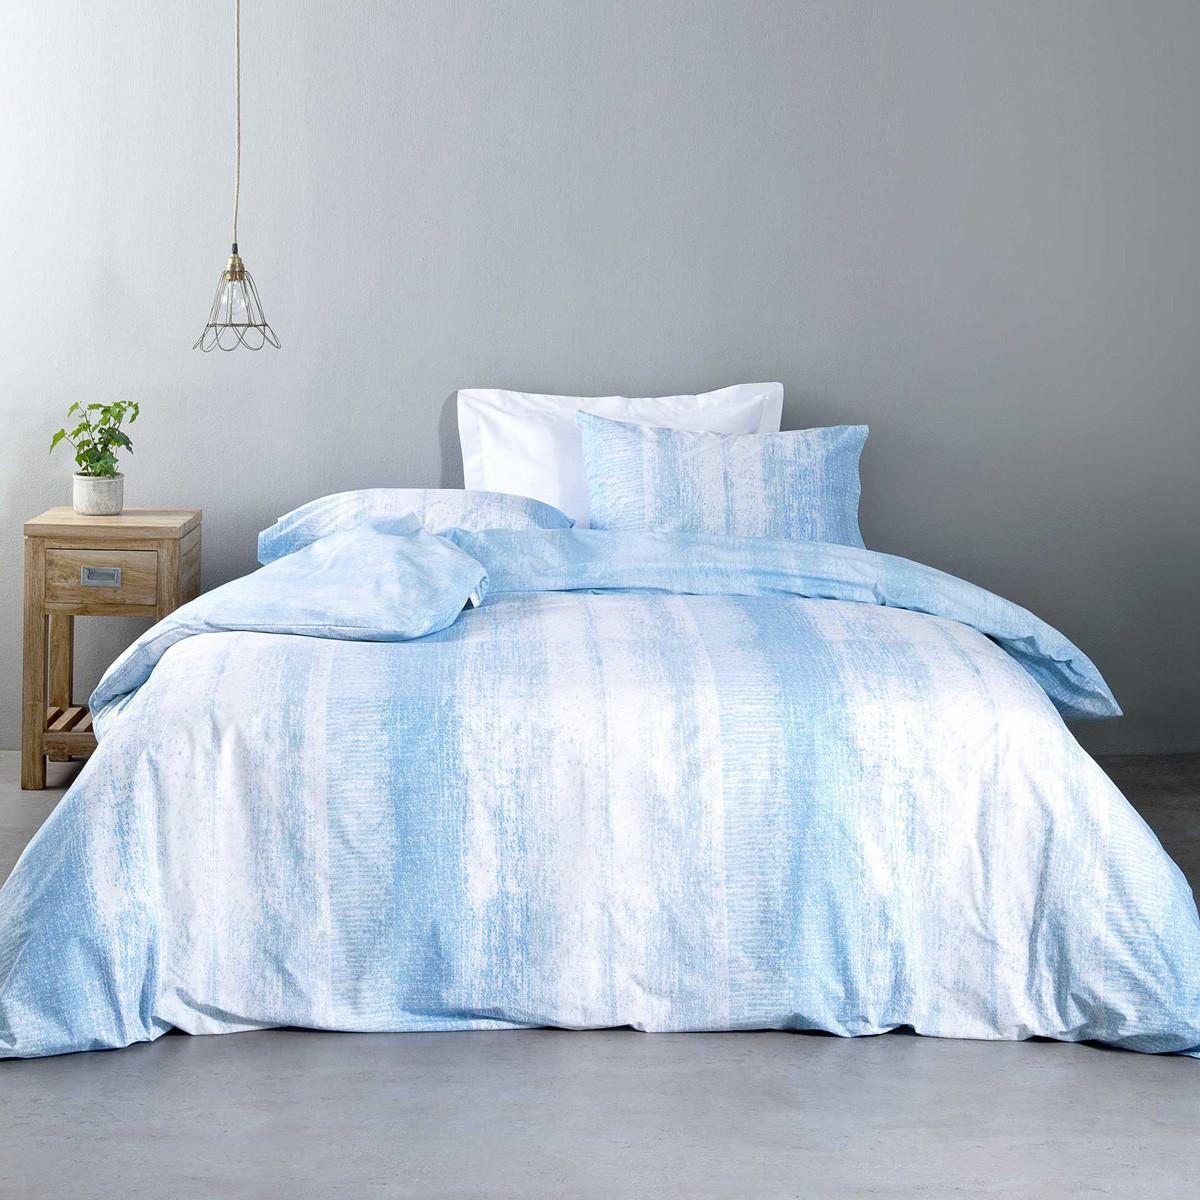 Κουβερλί Μονό Nima Bed Linen Battisti Blue